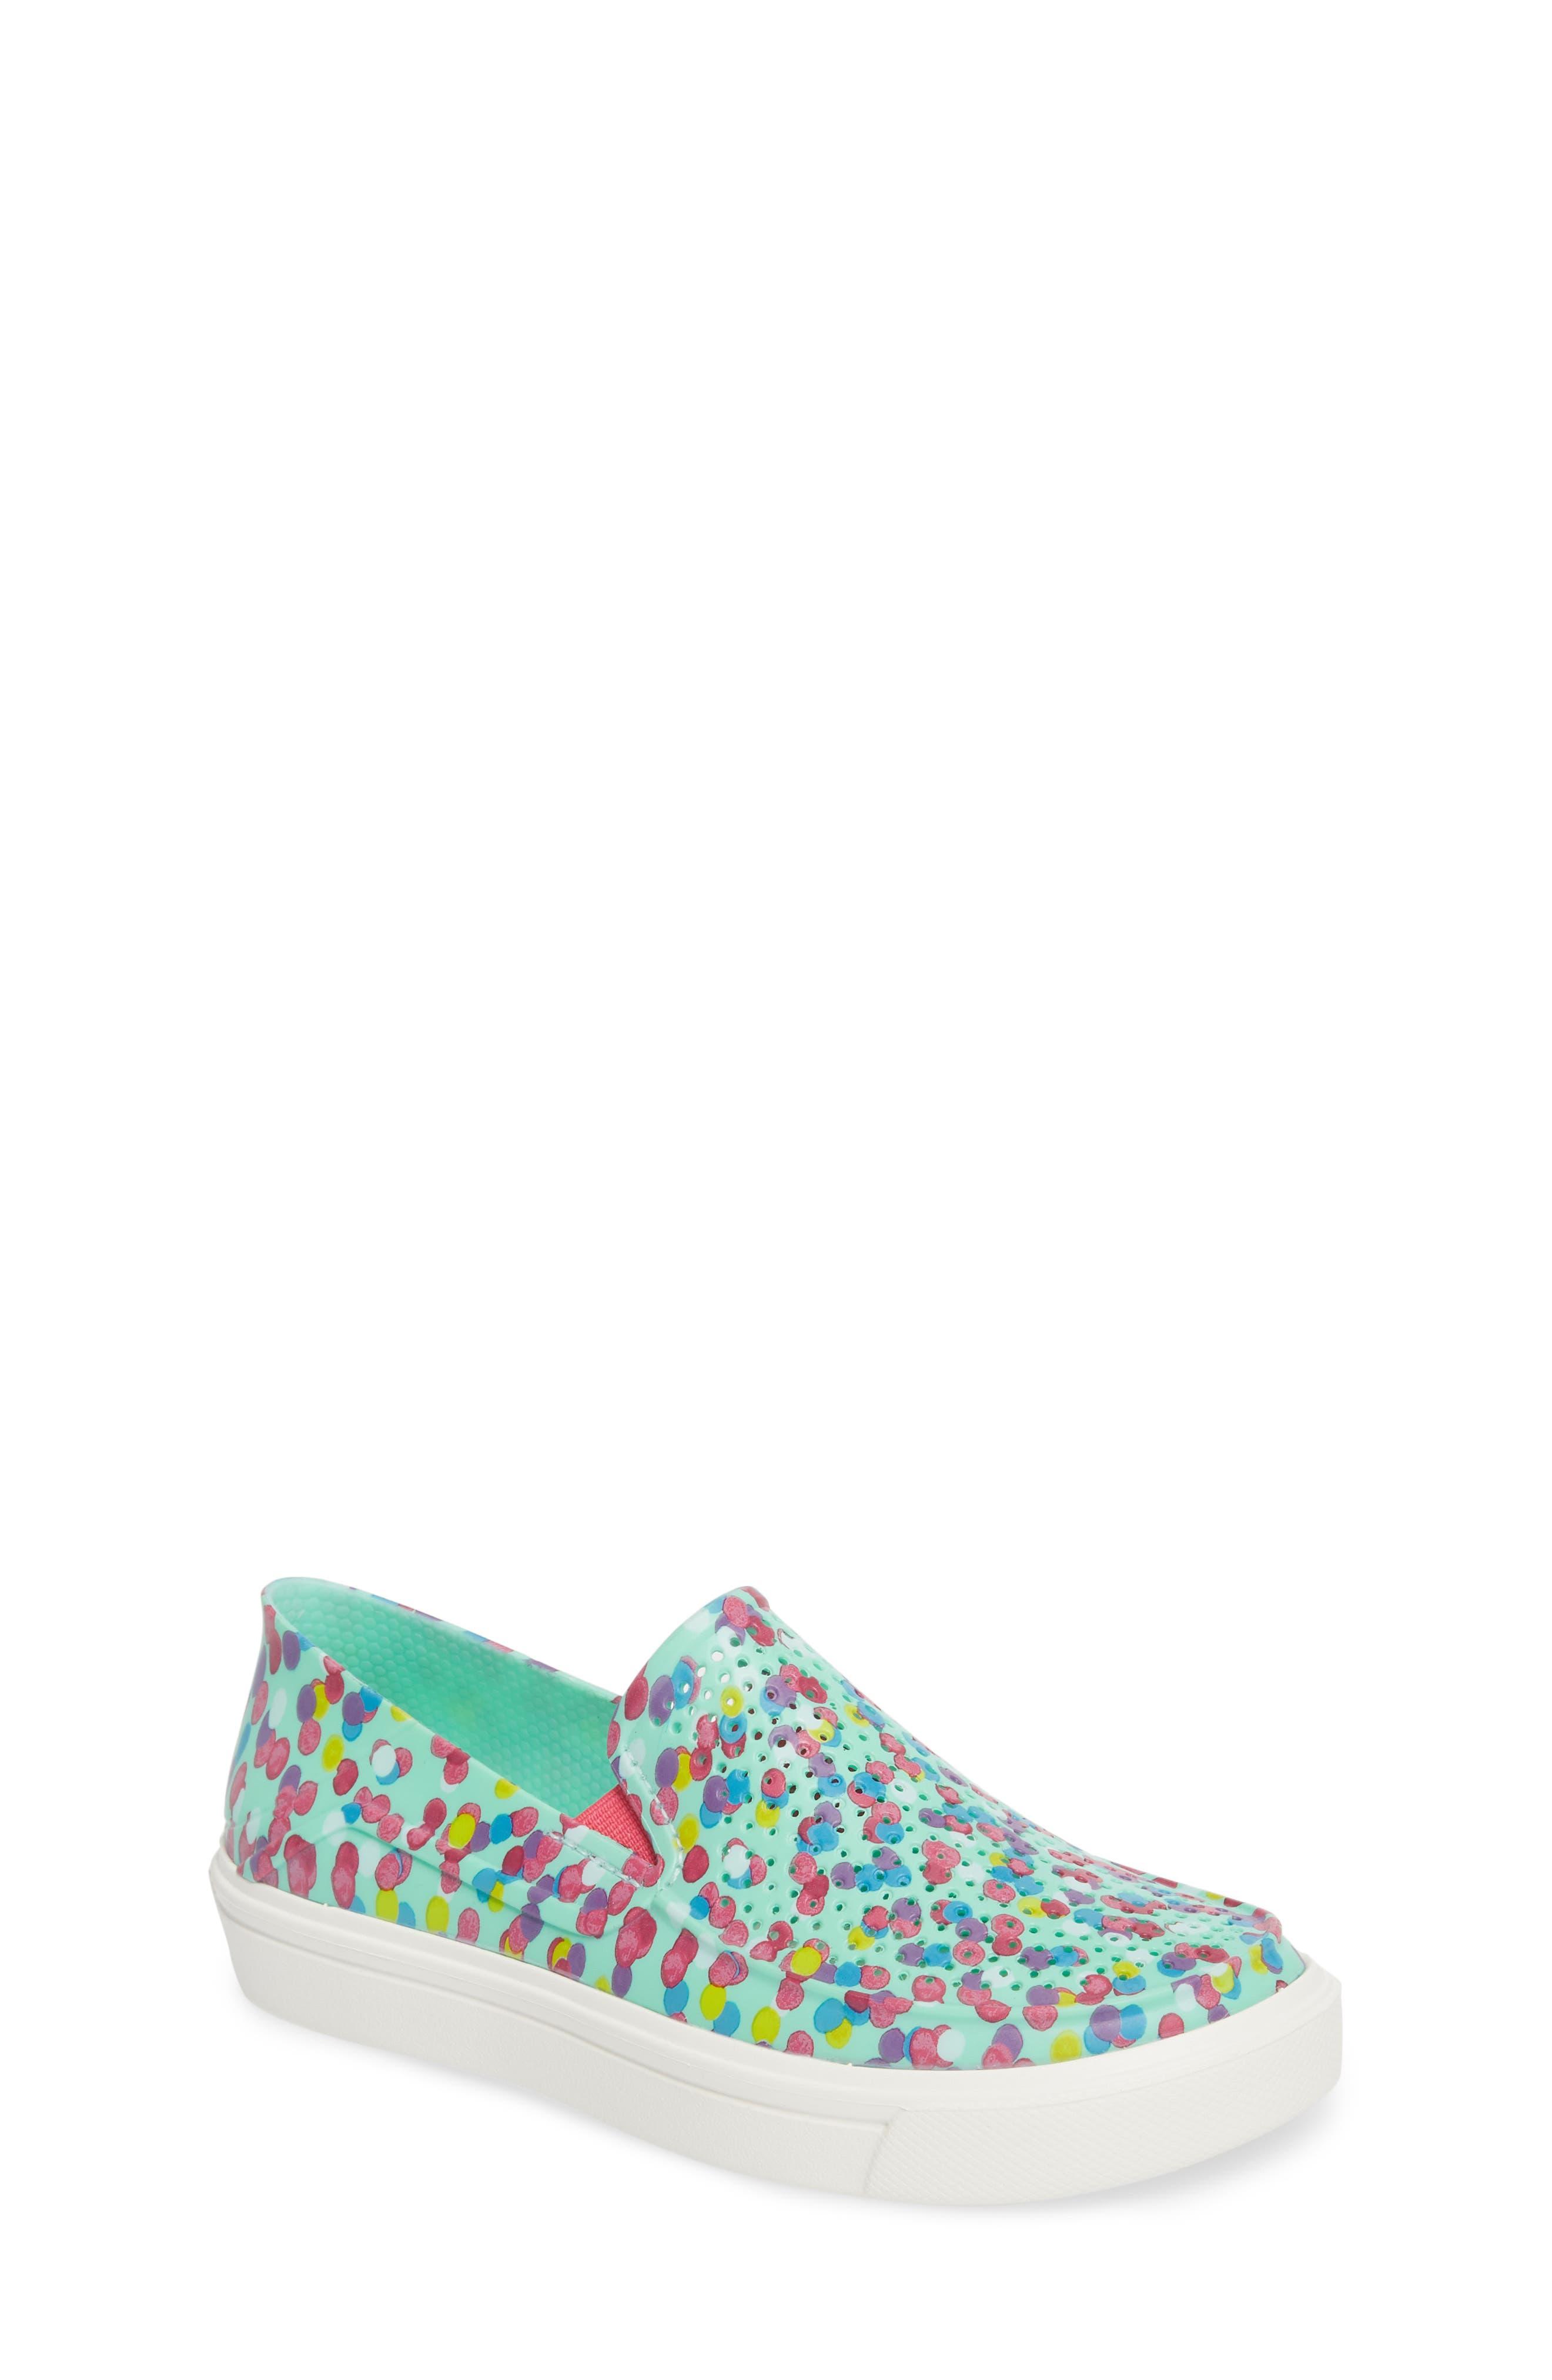 CitiLane Roka Graphic Slip-On Sneaker,                         Main,                         color, Multi/ Mint